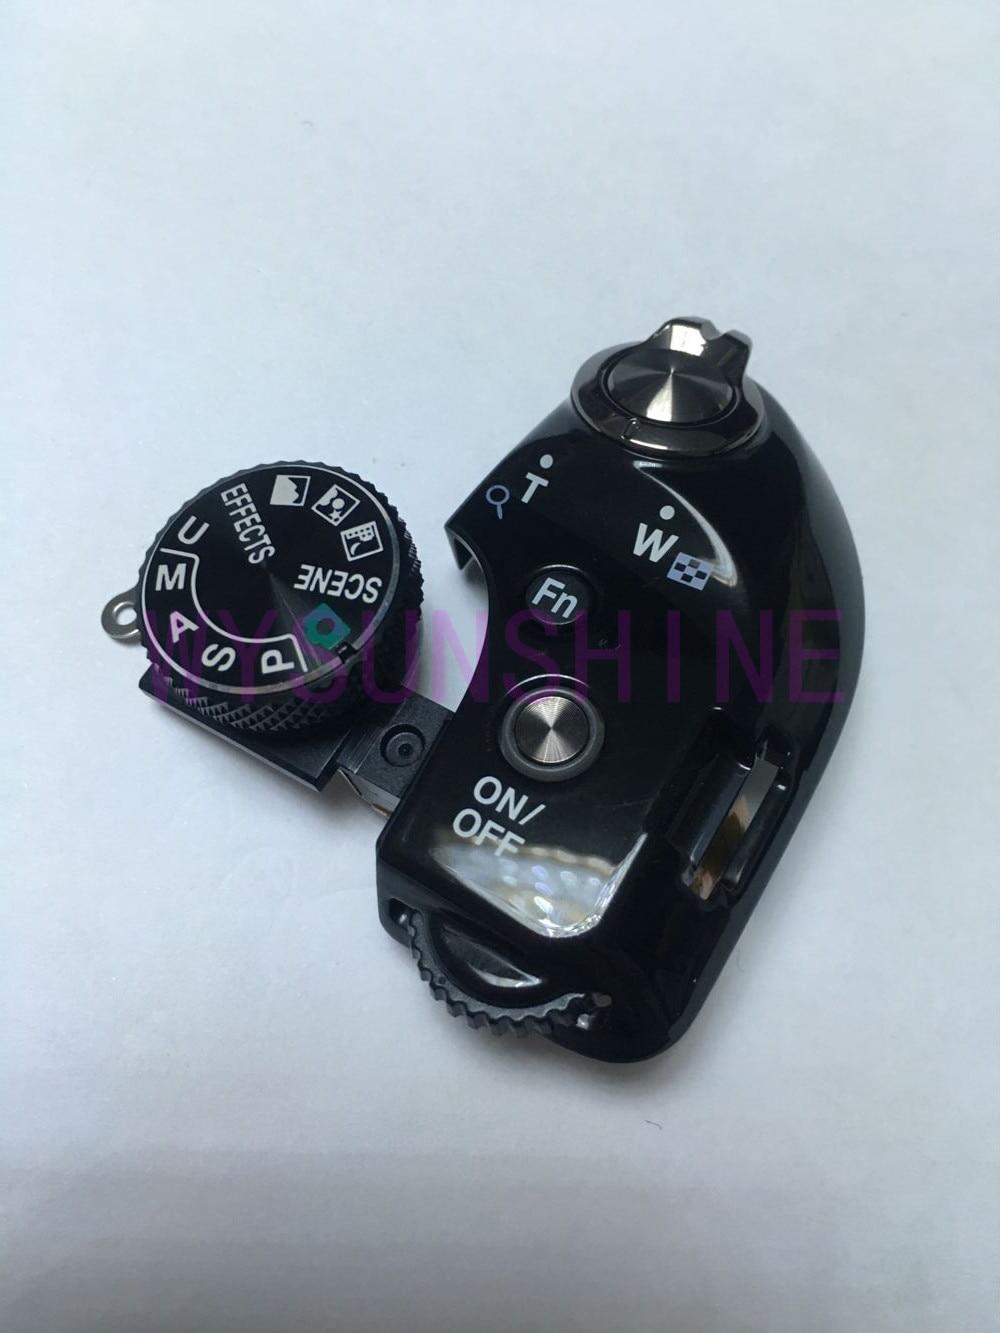 כפתור חיוג הדגם המקורי למעלה כיסוי כוח Swich חלקי תיקון מצלמה כפתור צמצם עבור ניקון P610